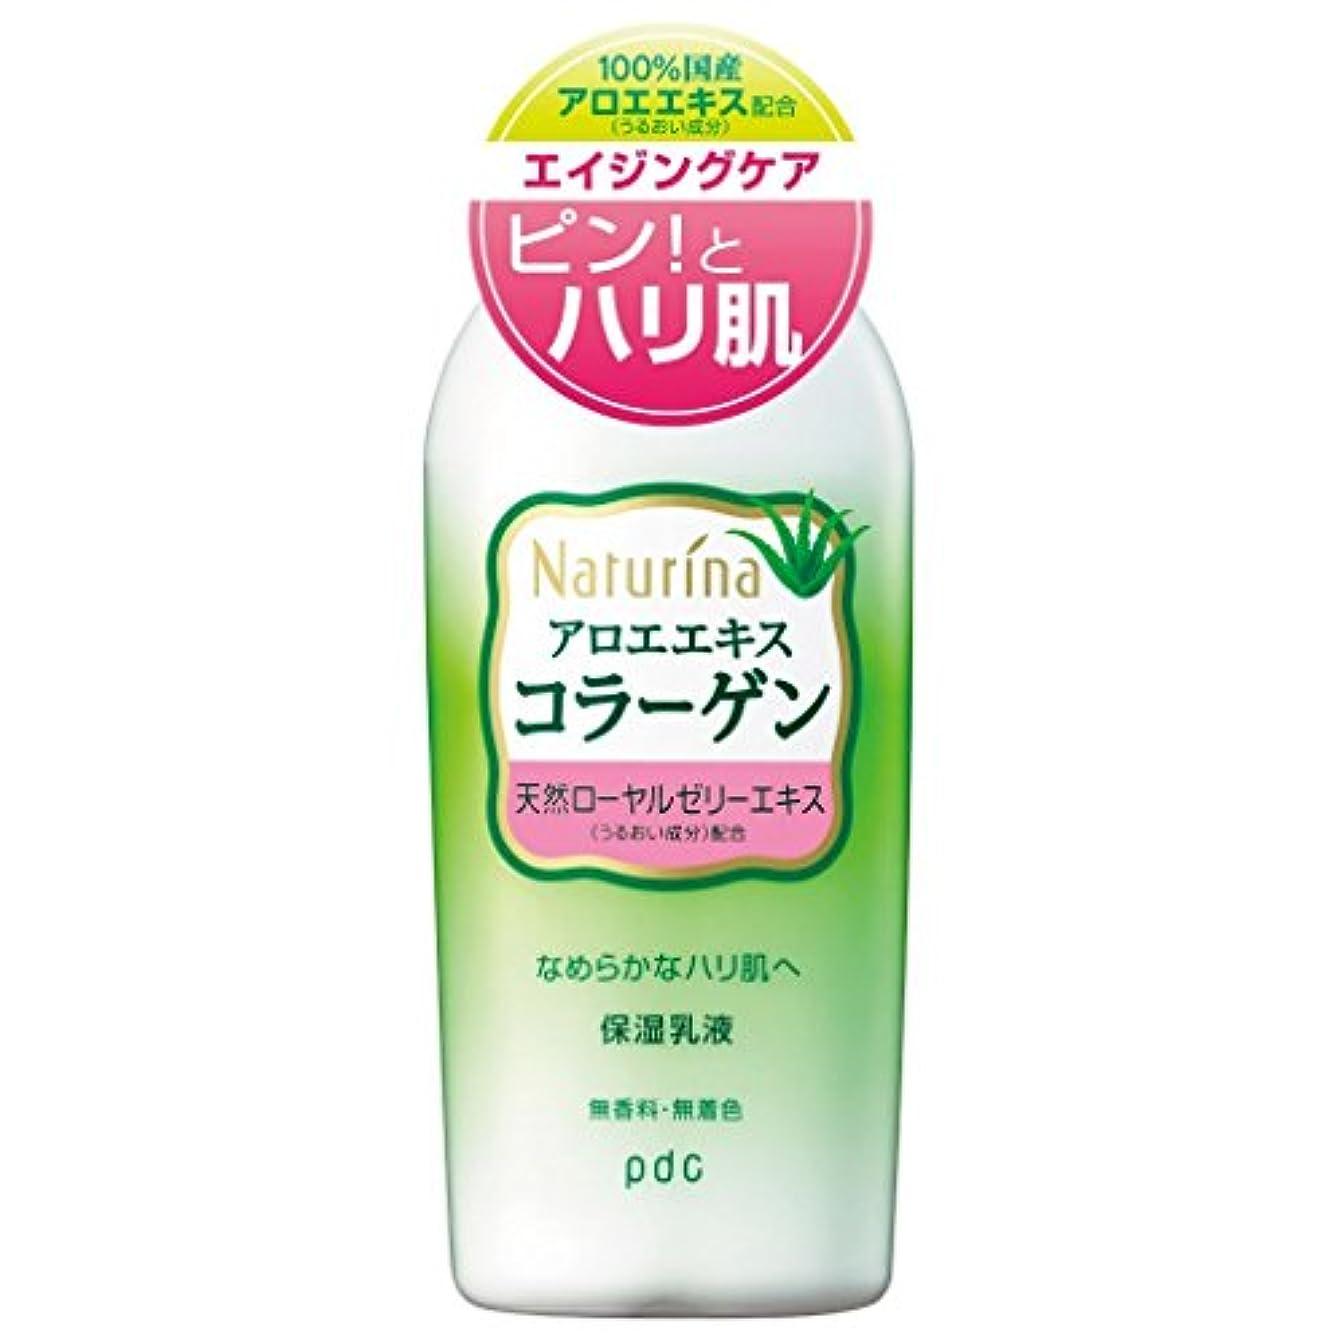 充実放映荒涼としたナチュリナ ミルク (乳液) 190mL